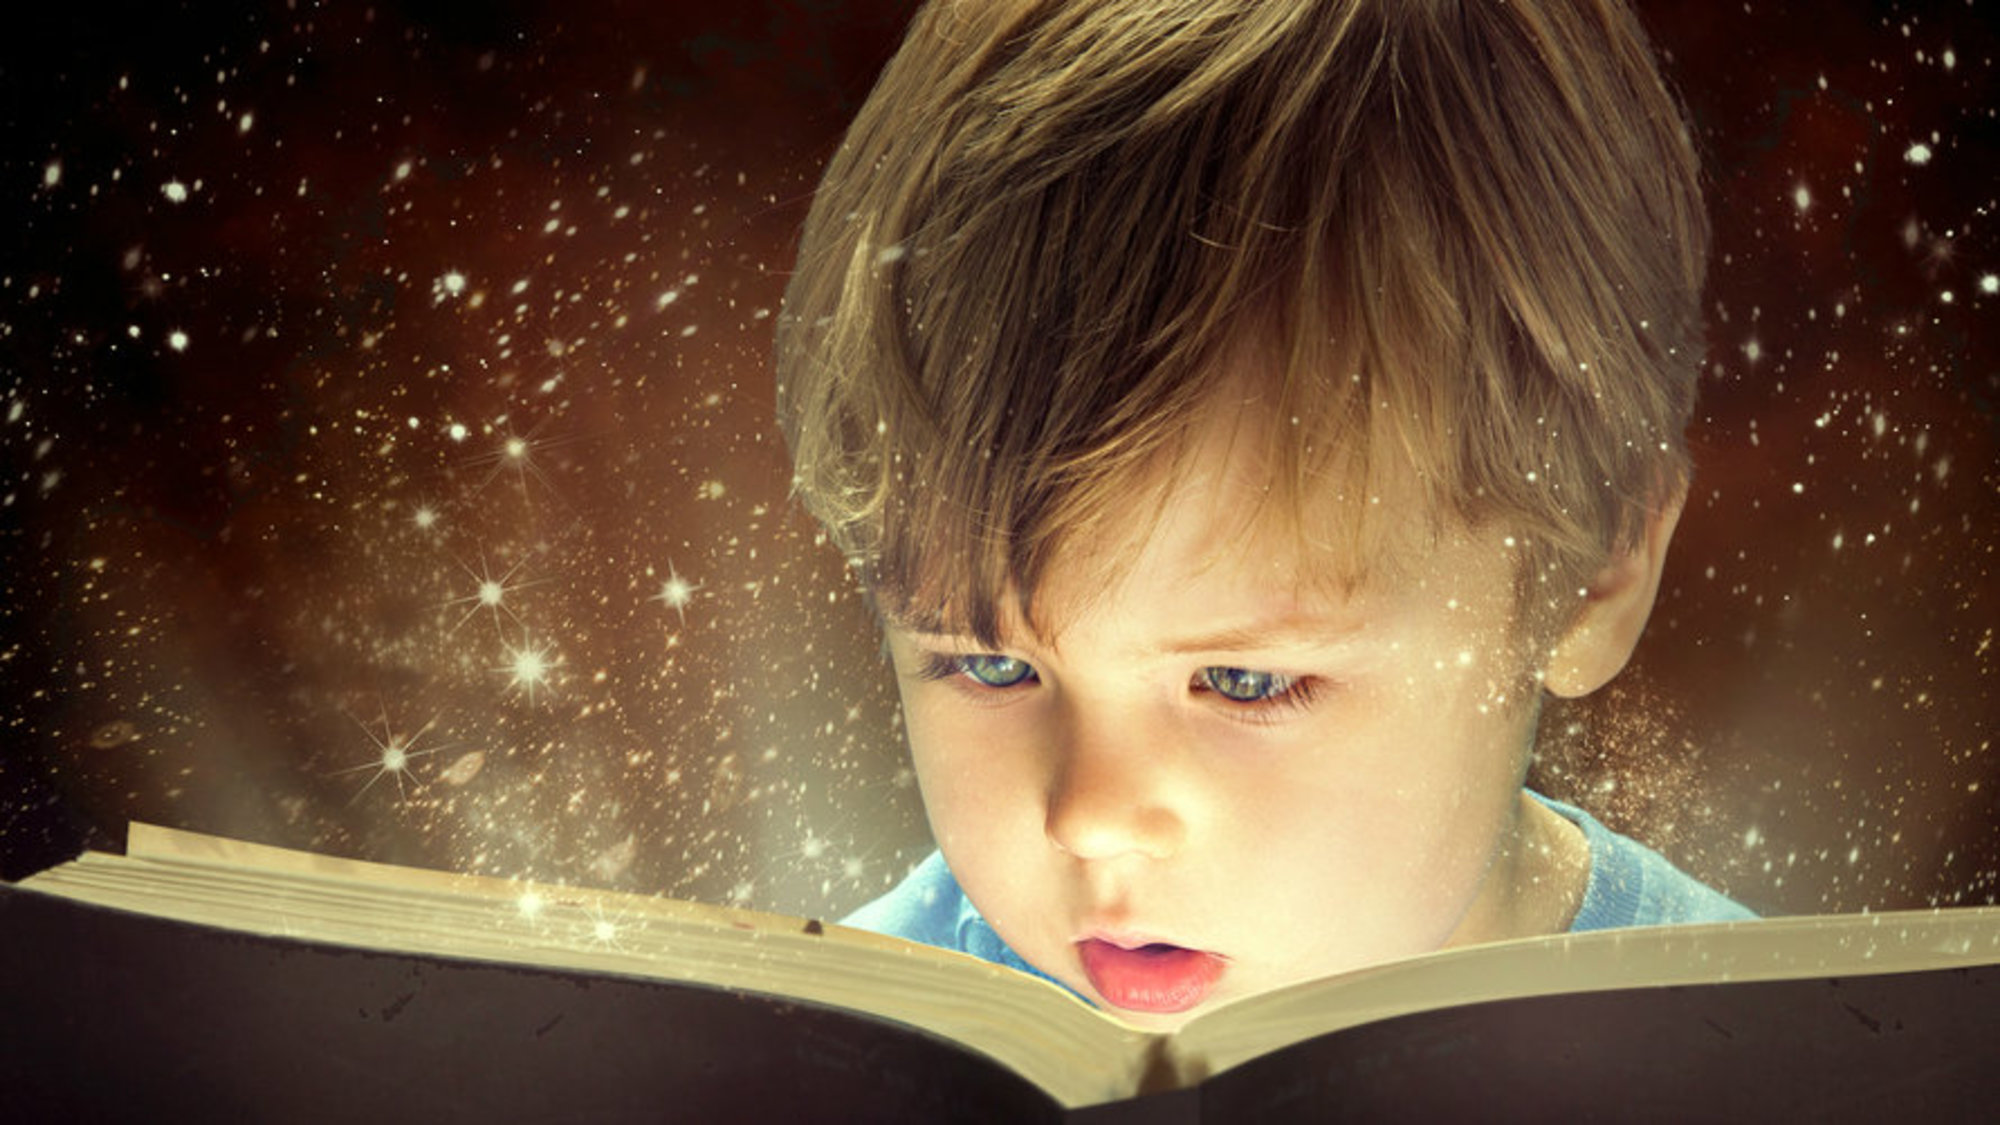 Воображением обладают не только дети, но и взрослые люди